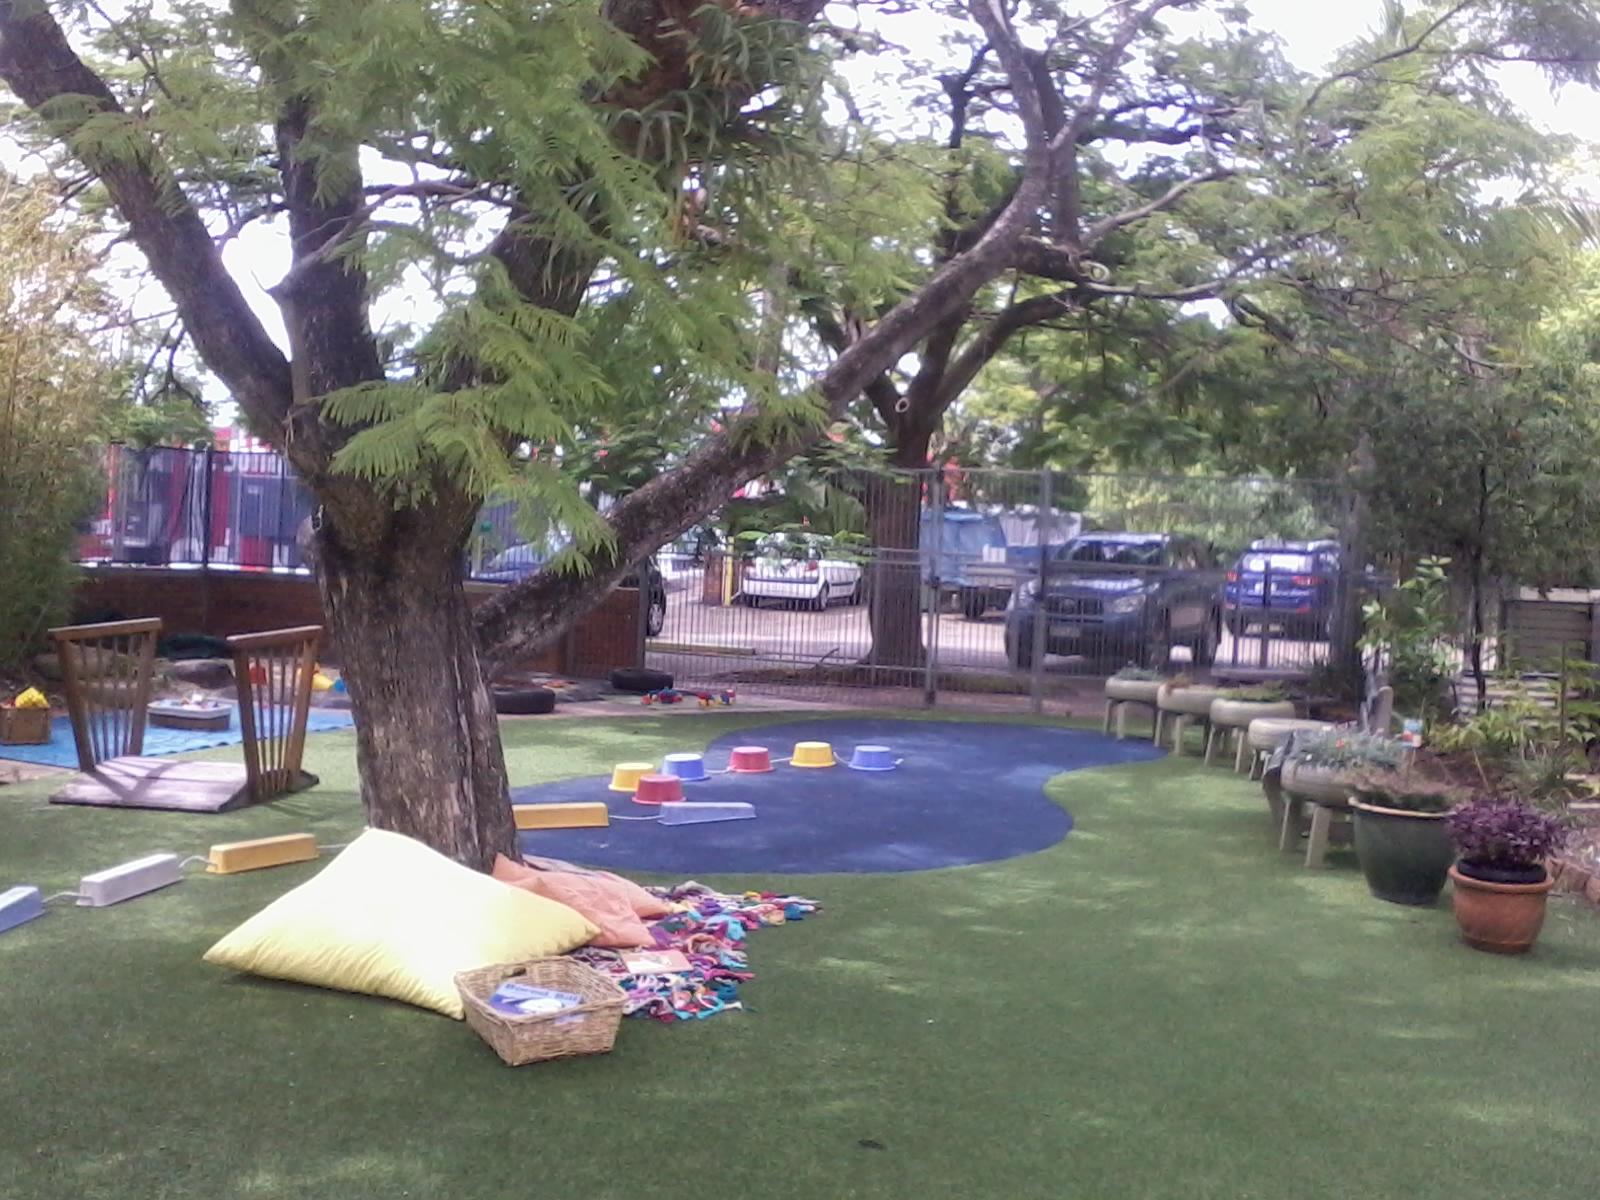 Visita a tres jardines infantiles en brisbane australia for Sala de estar en el patio